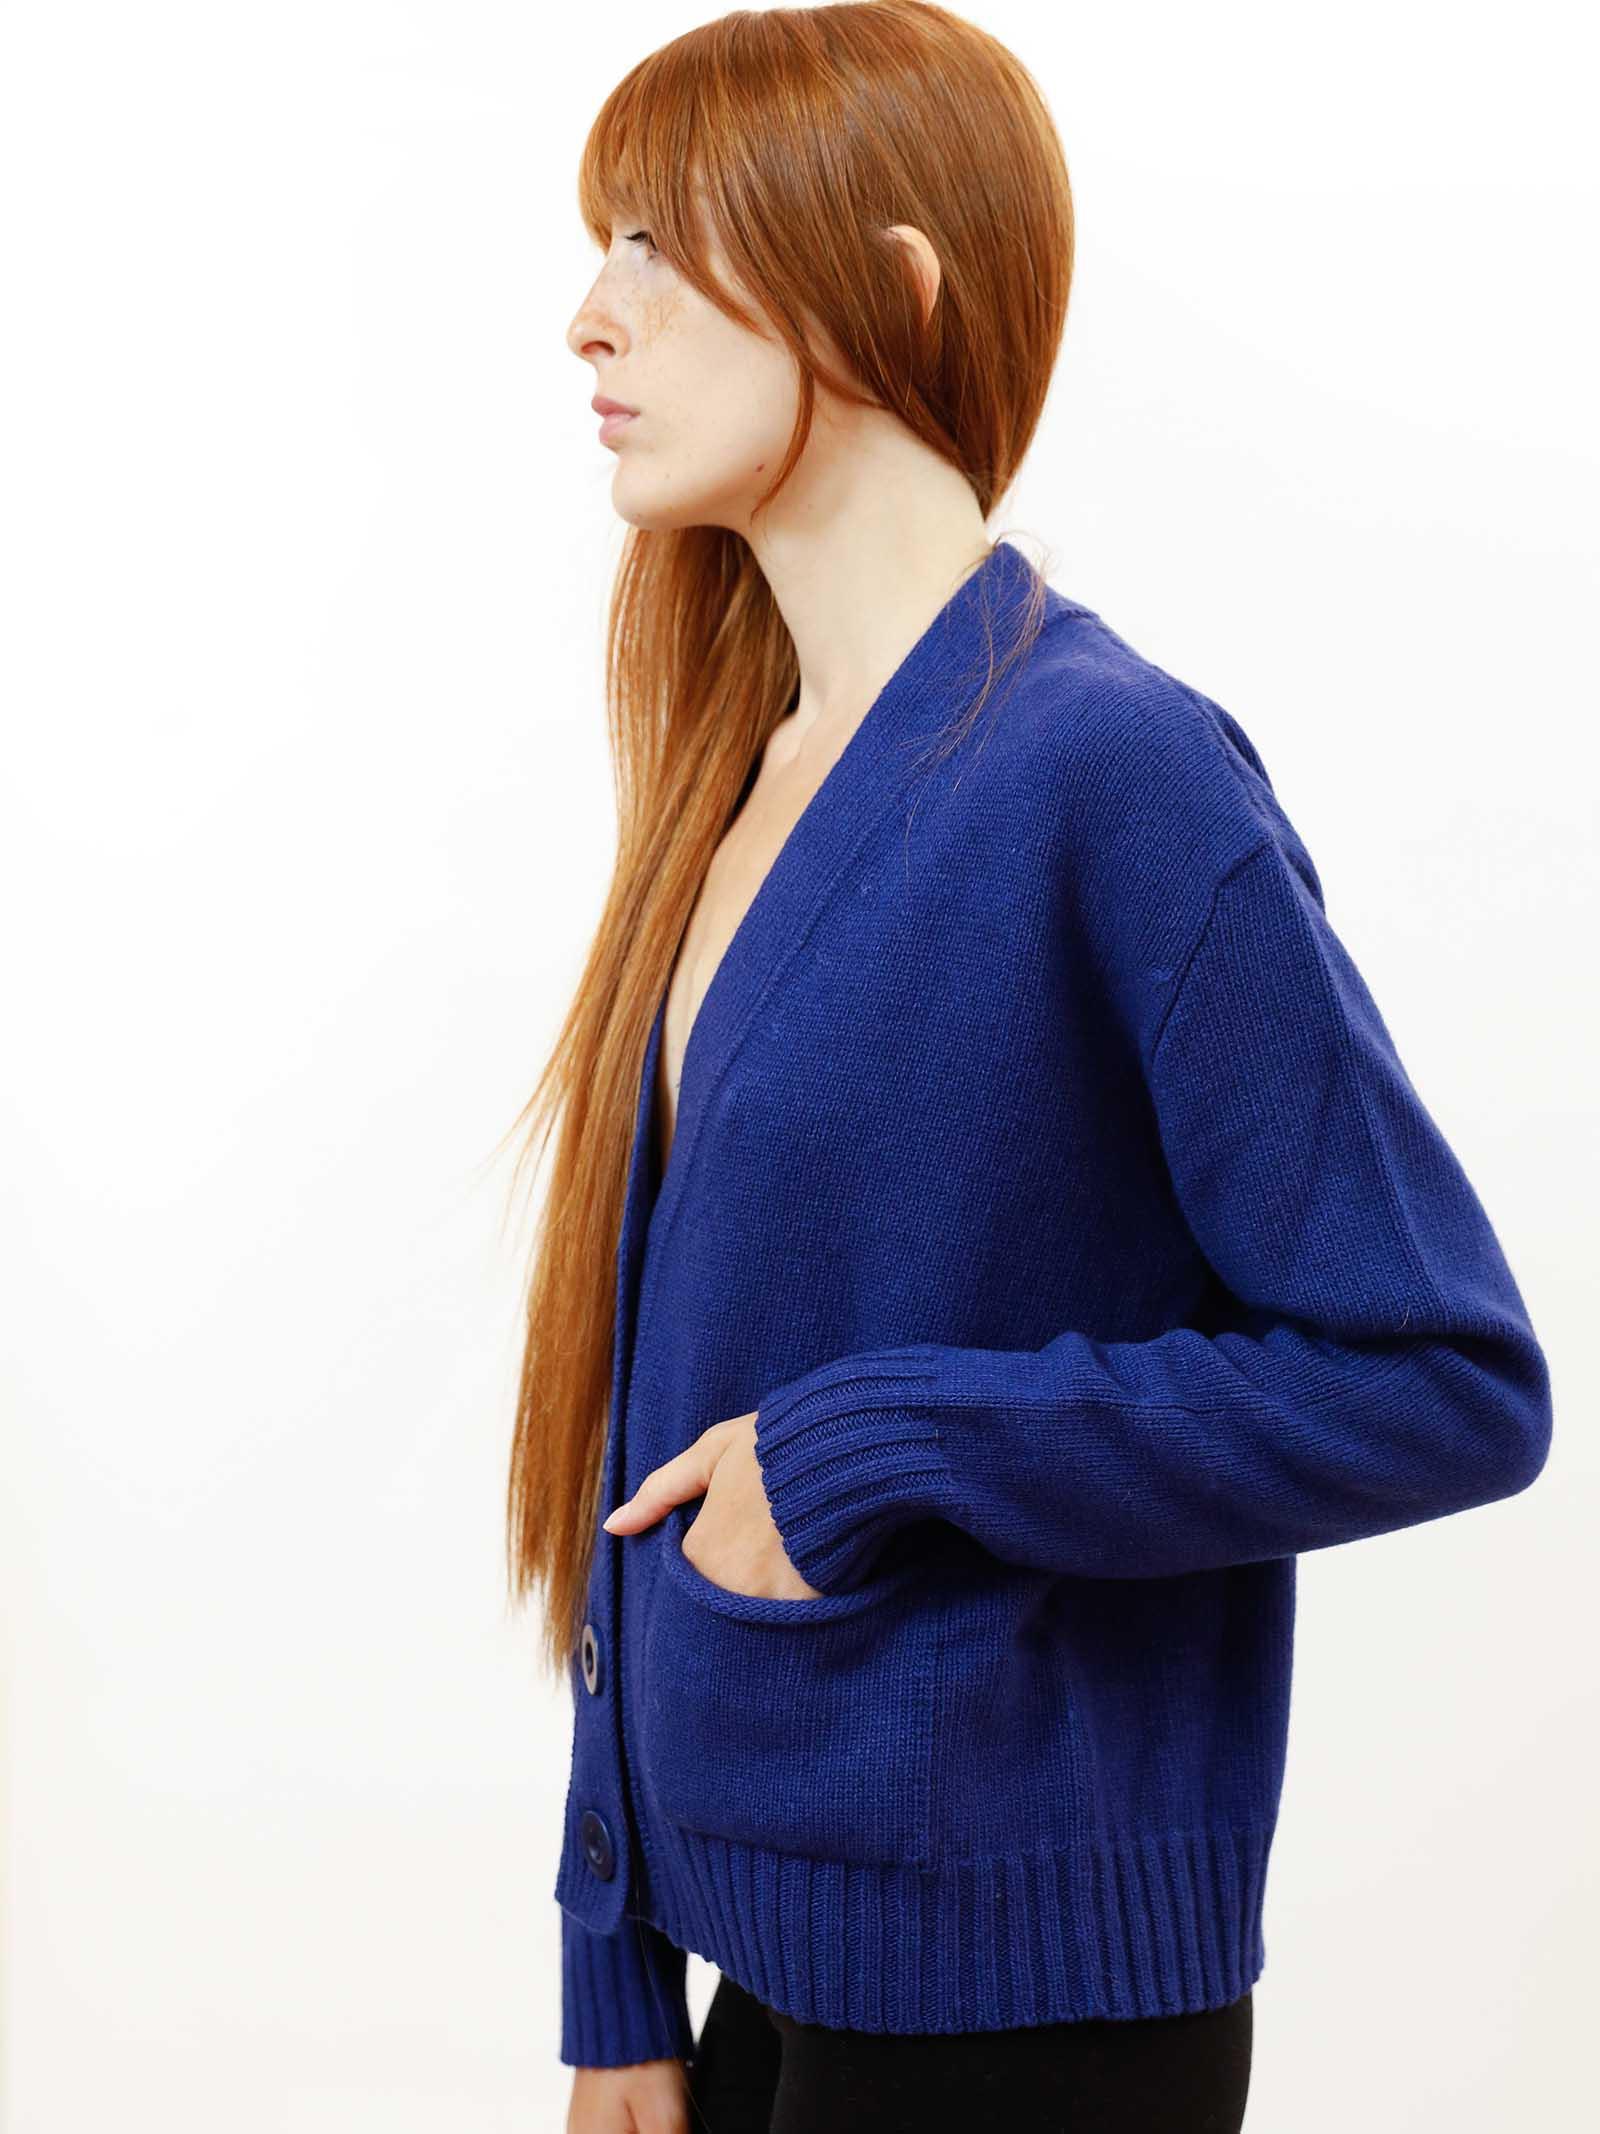 Abbigliamento Donna Cardigan Misto Cachemire in Blu Cobalto con Bottoni in Tinta Maliparmi | Maglieria | JN35537431580059